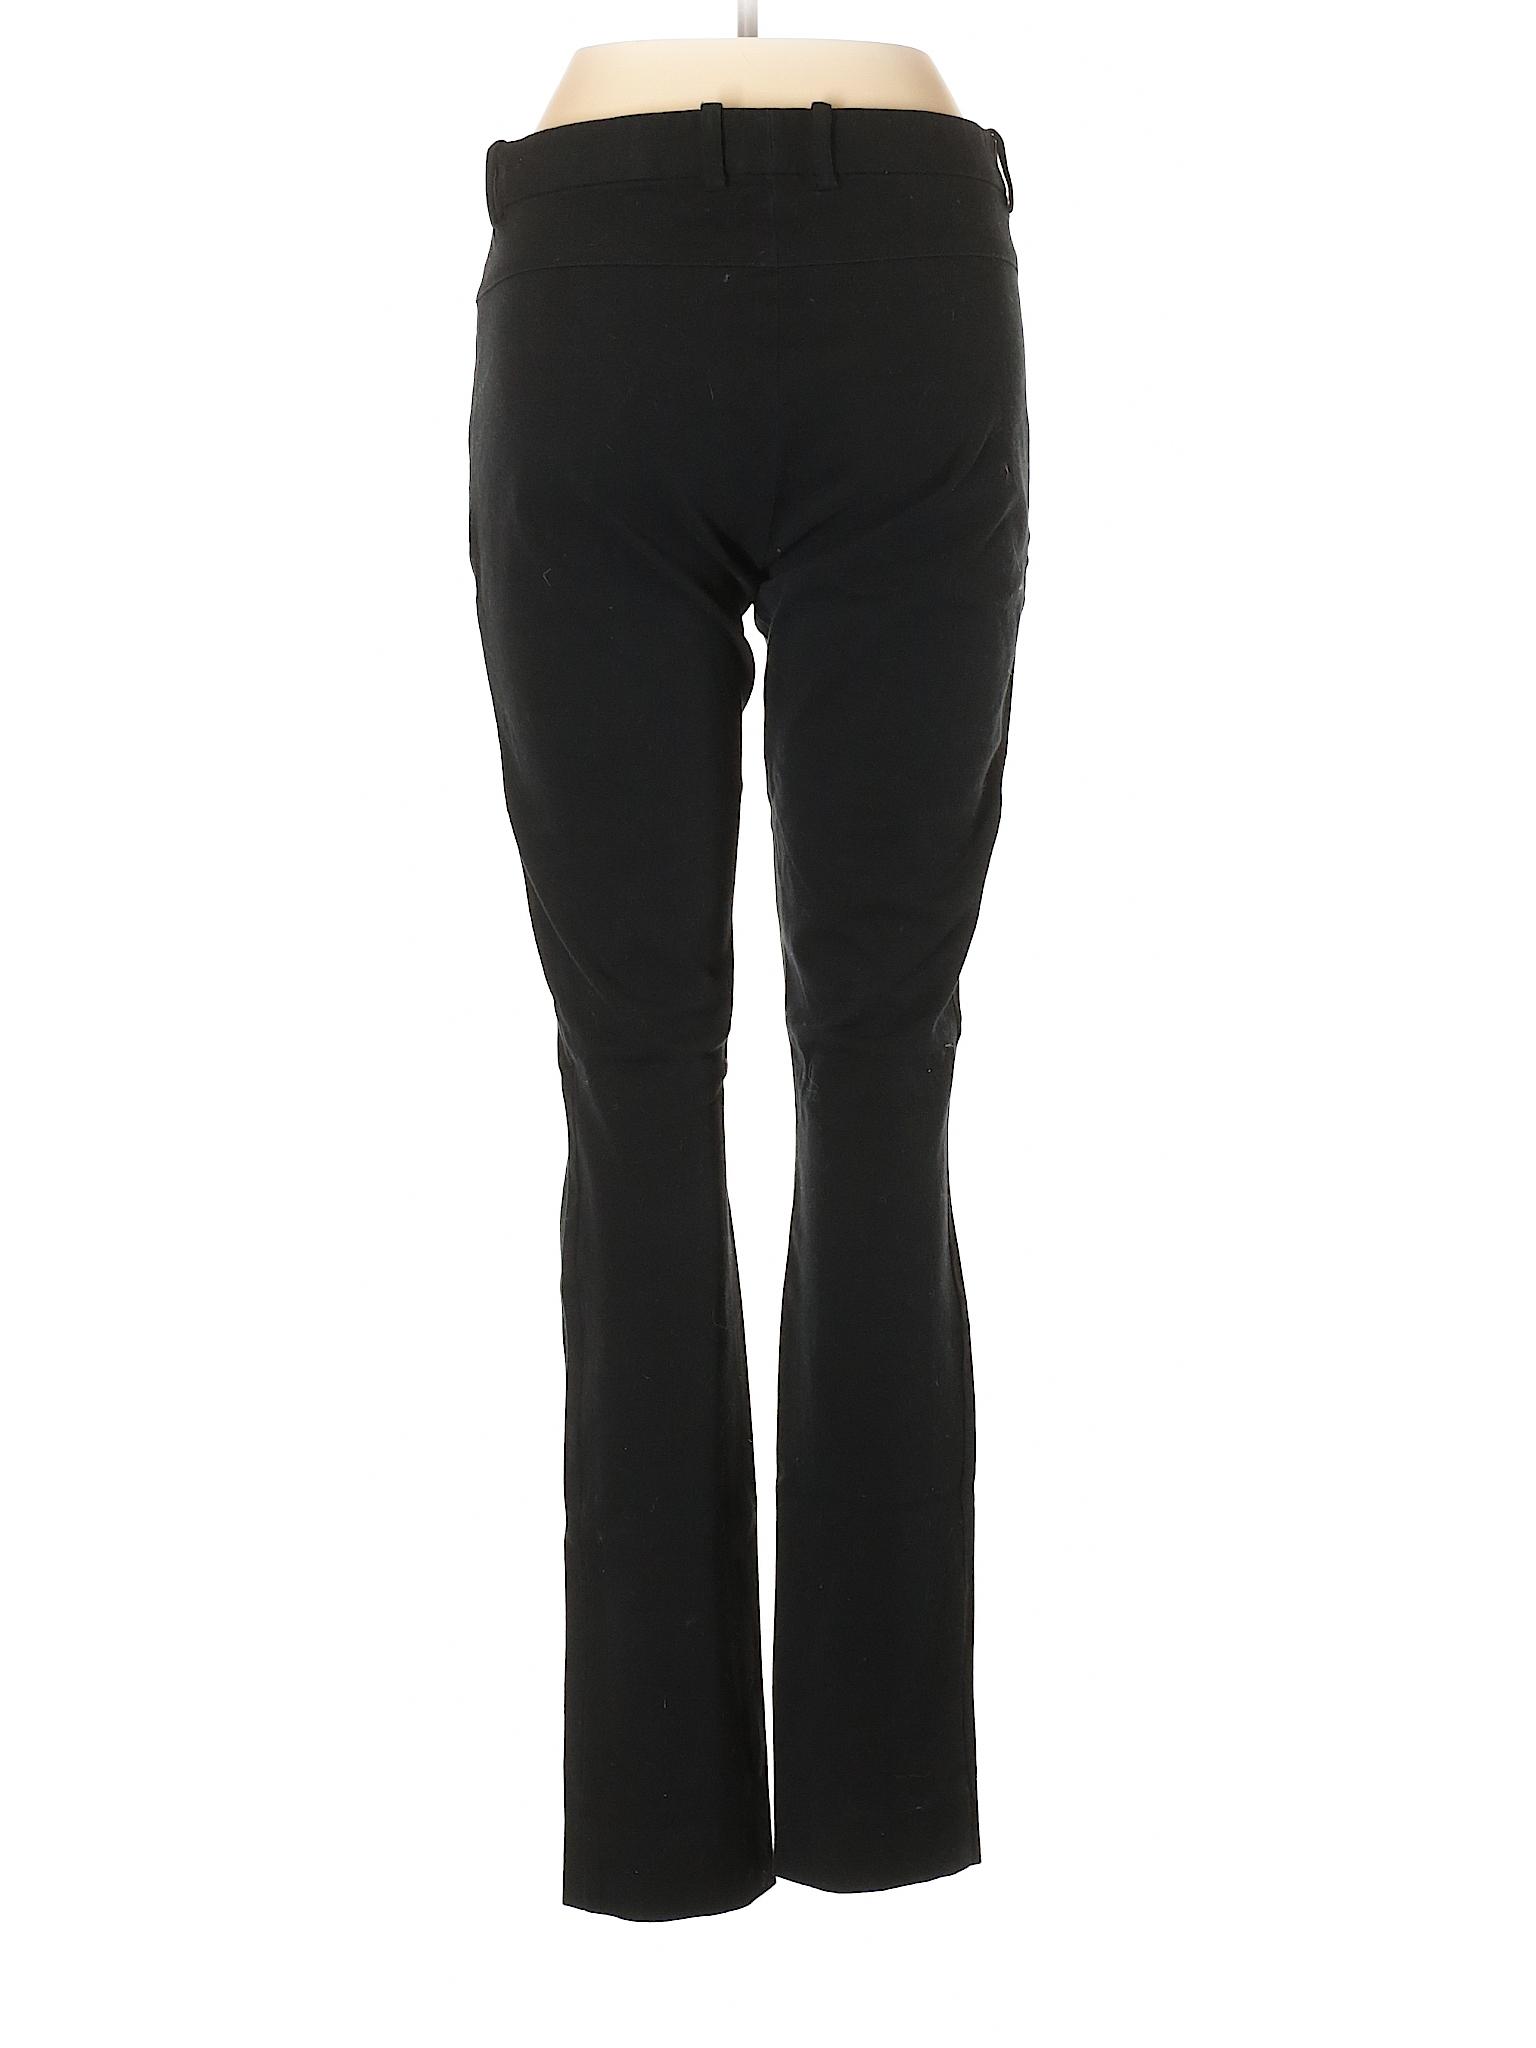 winter Boutique winter Gap Boutique Gap Dress Dress Pants Pants w4AXqT